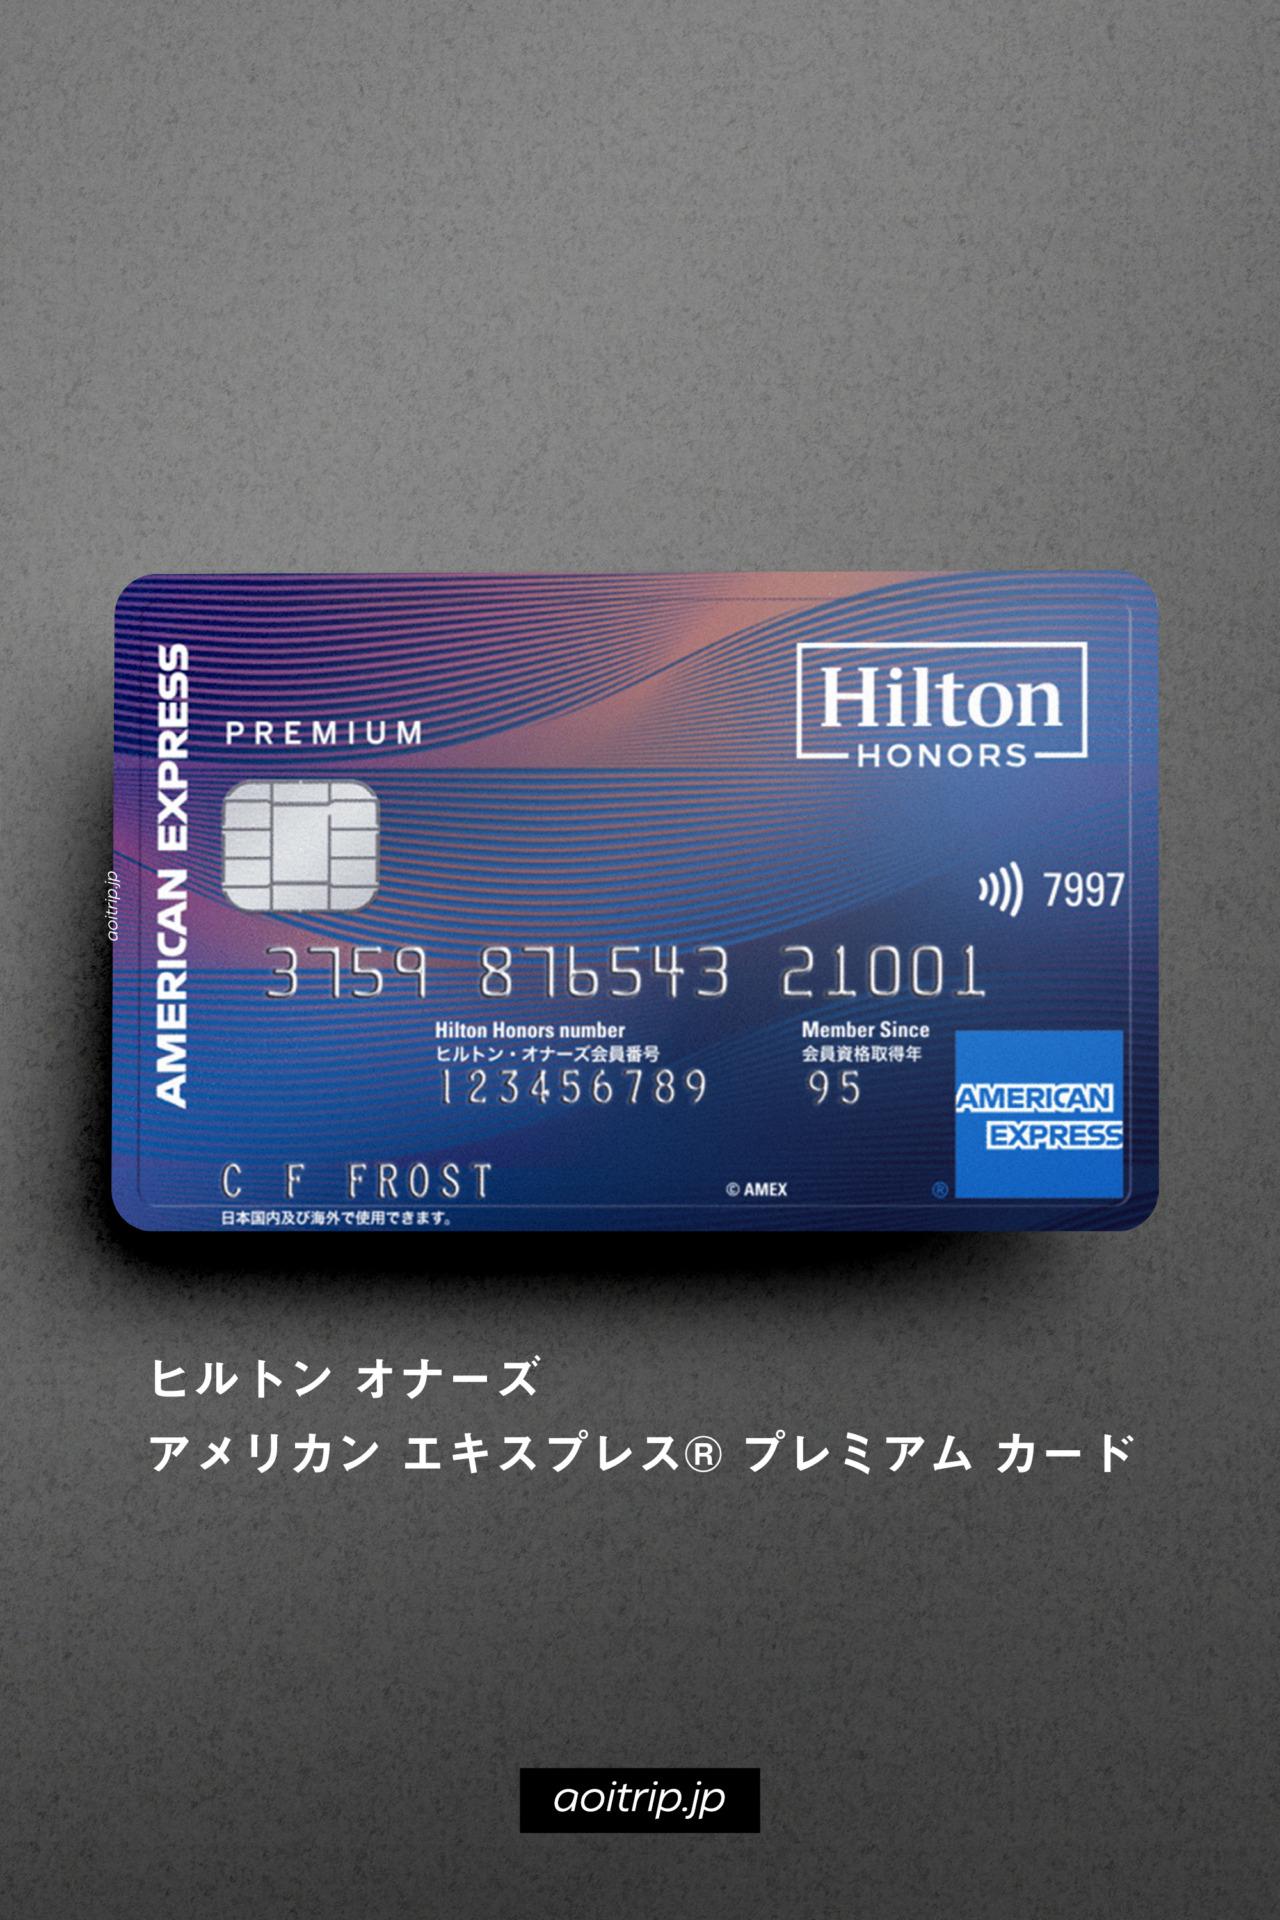 ヒルトン オナーズ アメリカン エキスプレス プレミアム カード Hilton Honors American Express Card